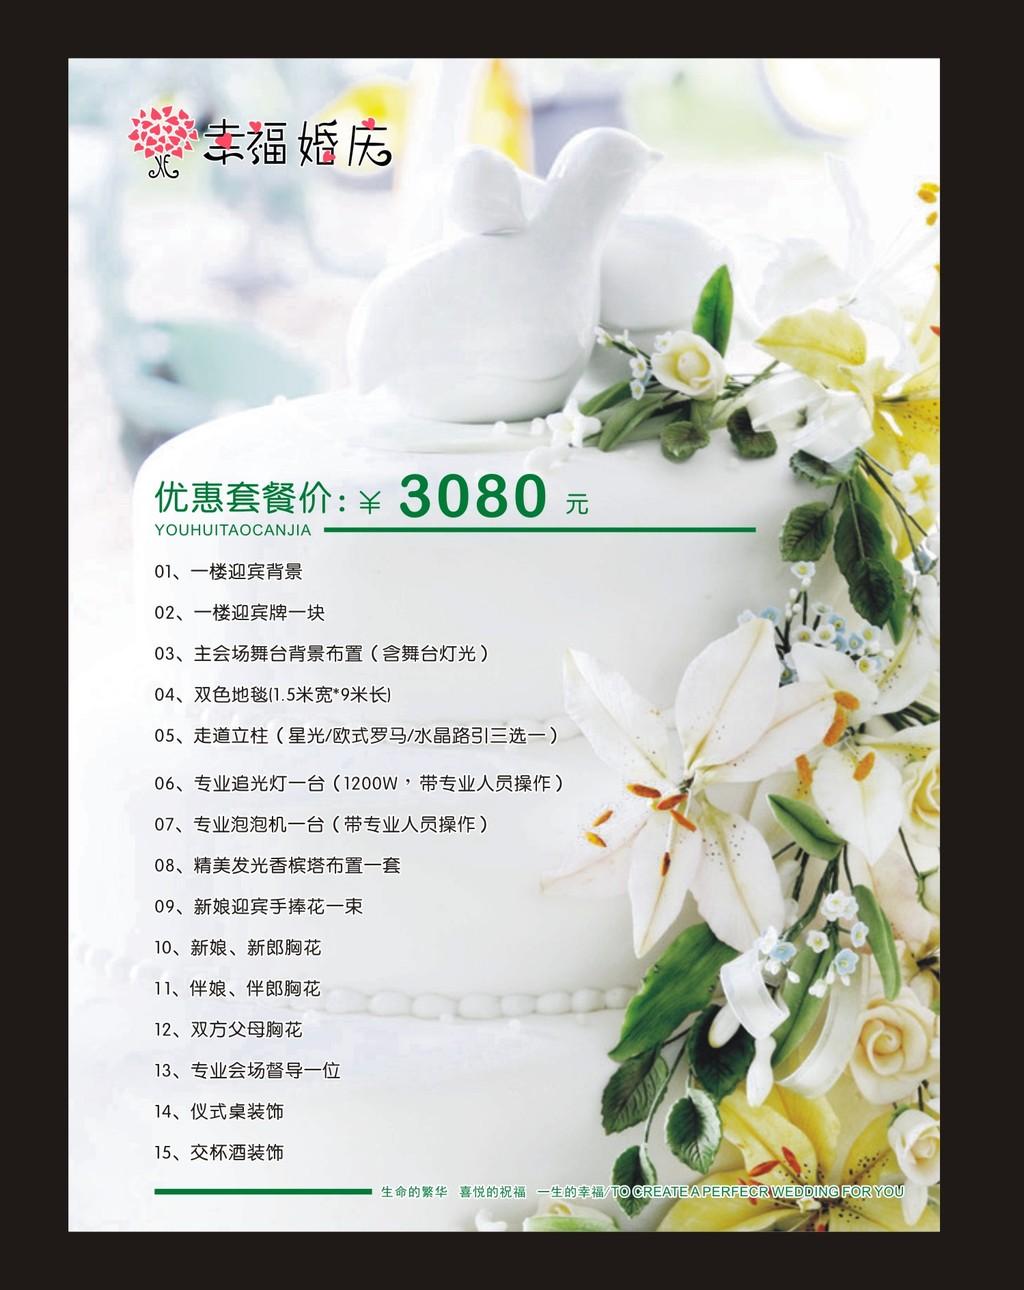 简约素雅婚庆活动宣传单模板下载